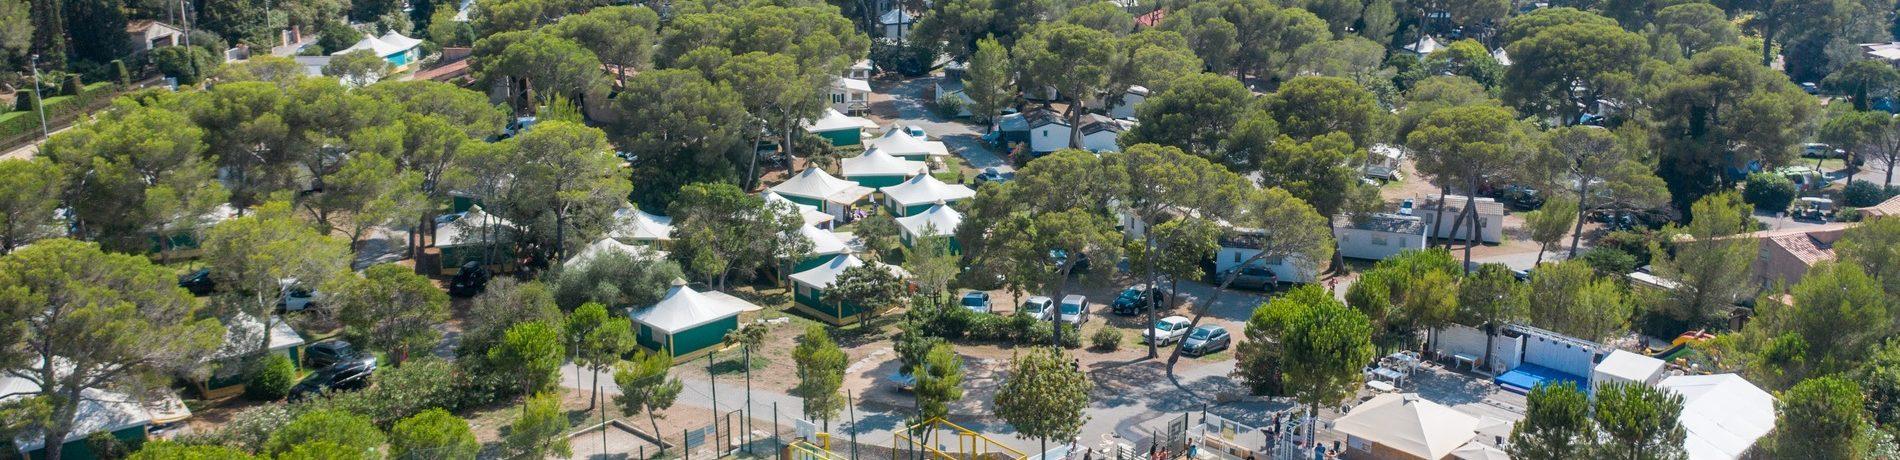 Camping Le Dramont in Agay is een strandcamping aan de Middellandse kust in de Var aan de Côte d'Azur met een eigen strandje en gezellig zwembad.